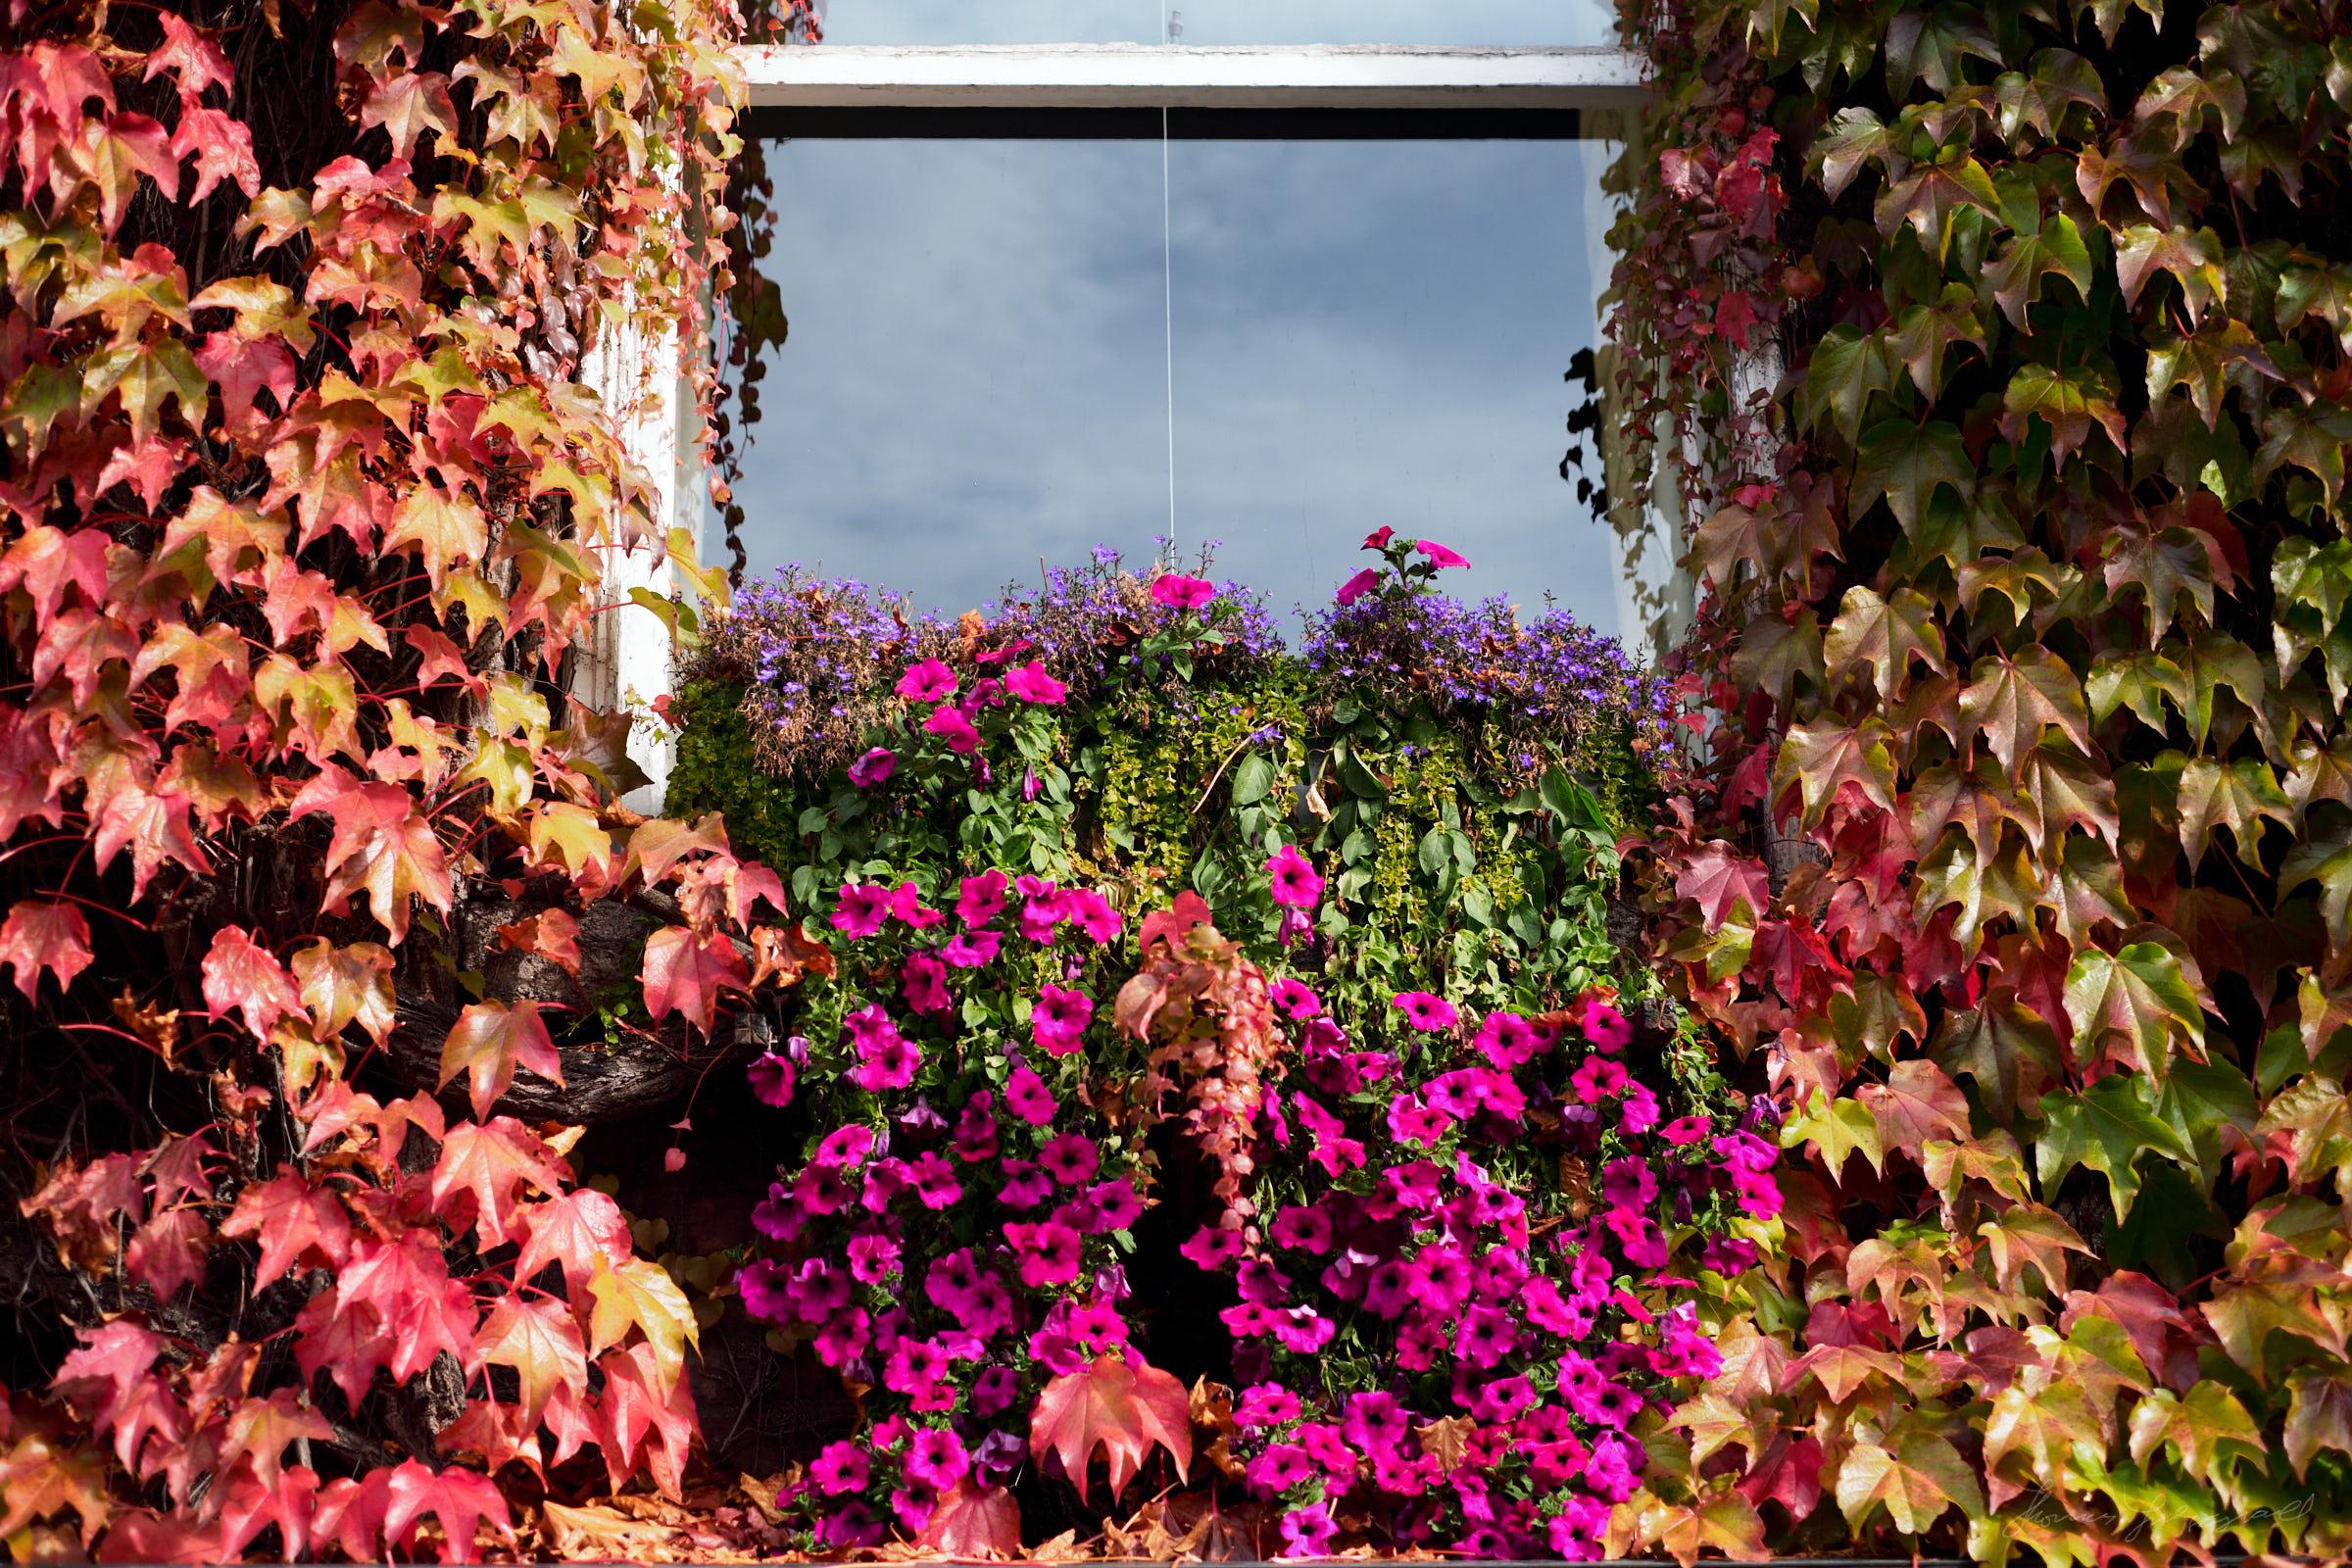 Street-and-park-autumn-378-Jpeg for Web.jpg